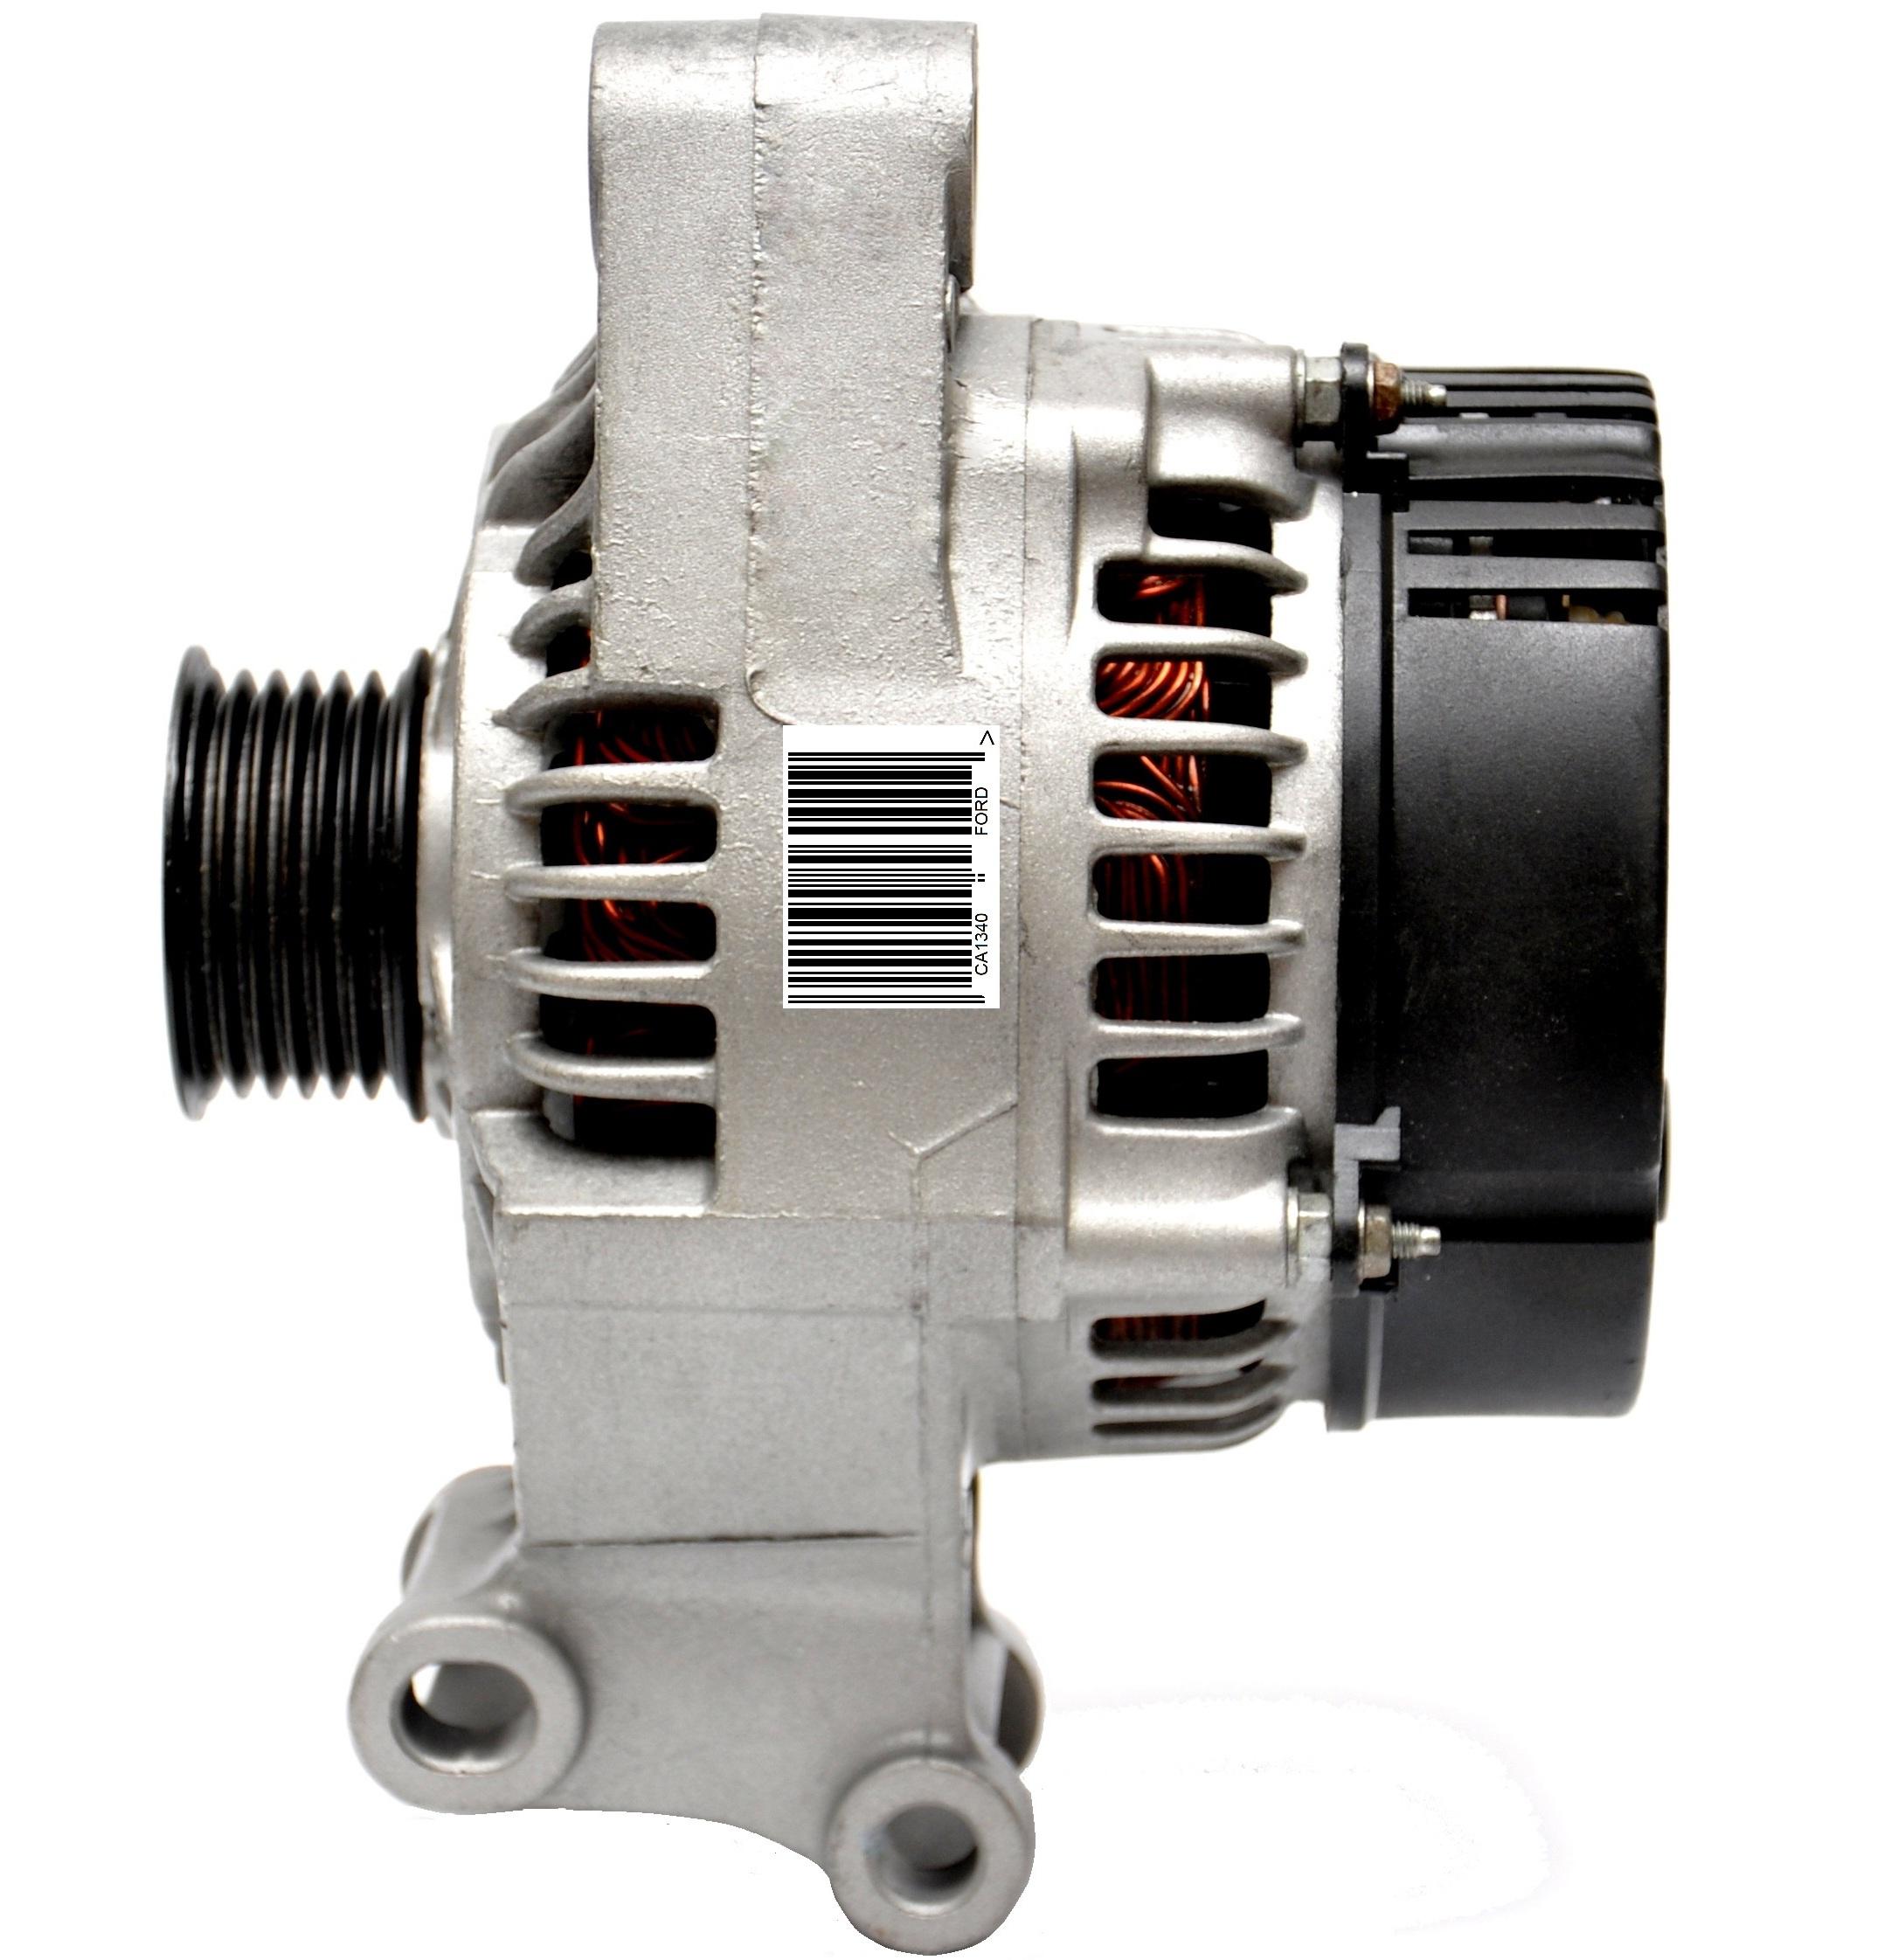 ca1340 генератор ford focus 14 16 102211-8040